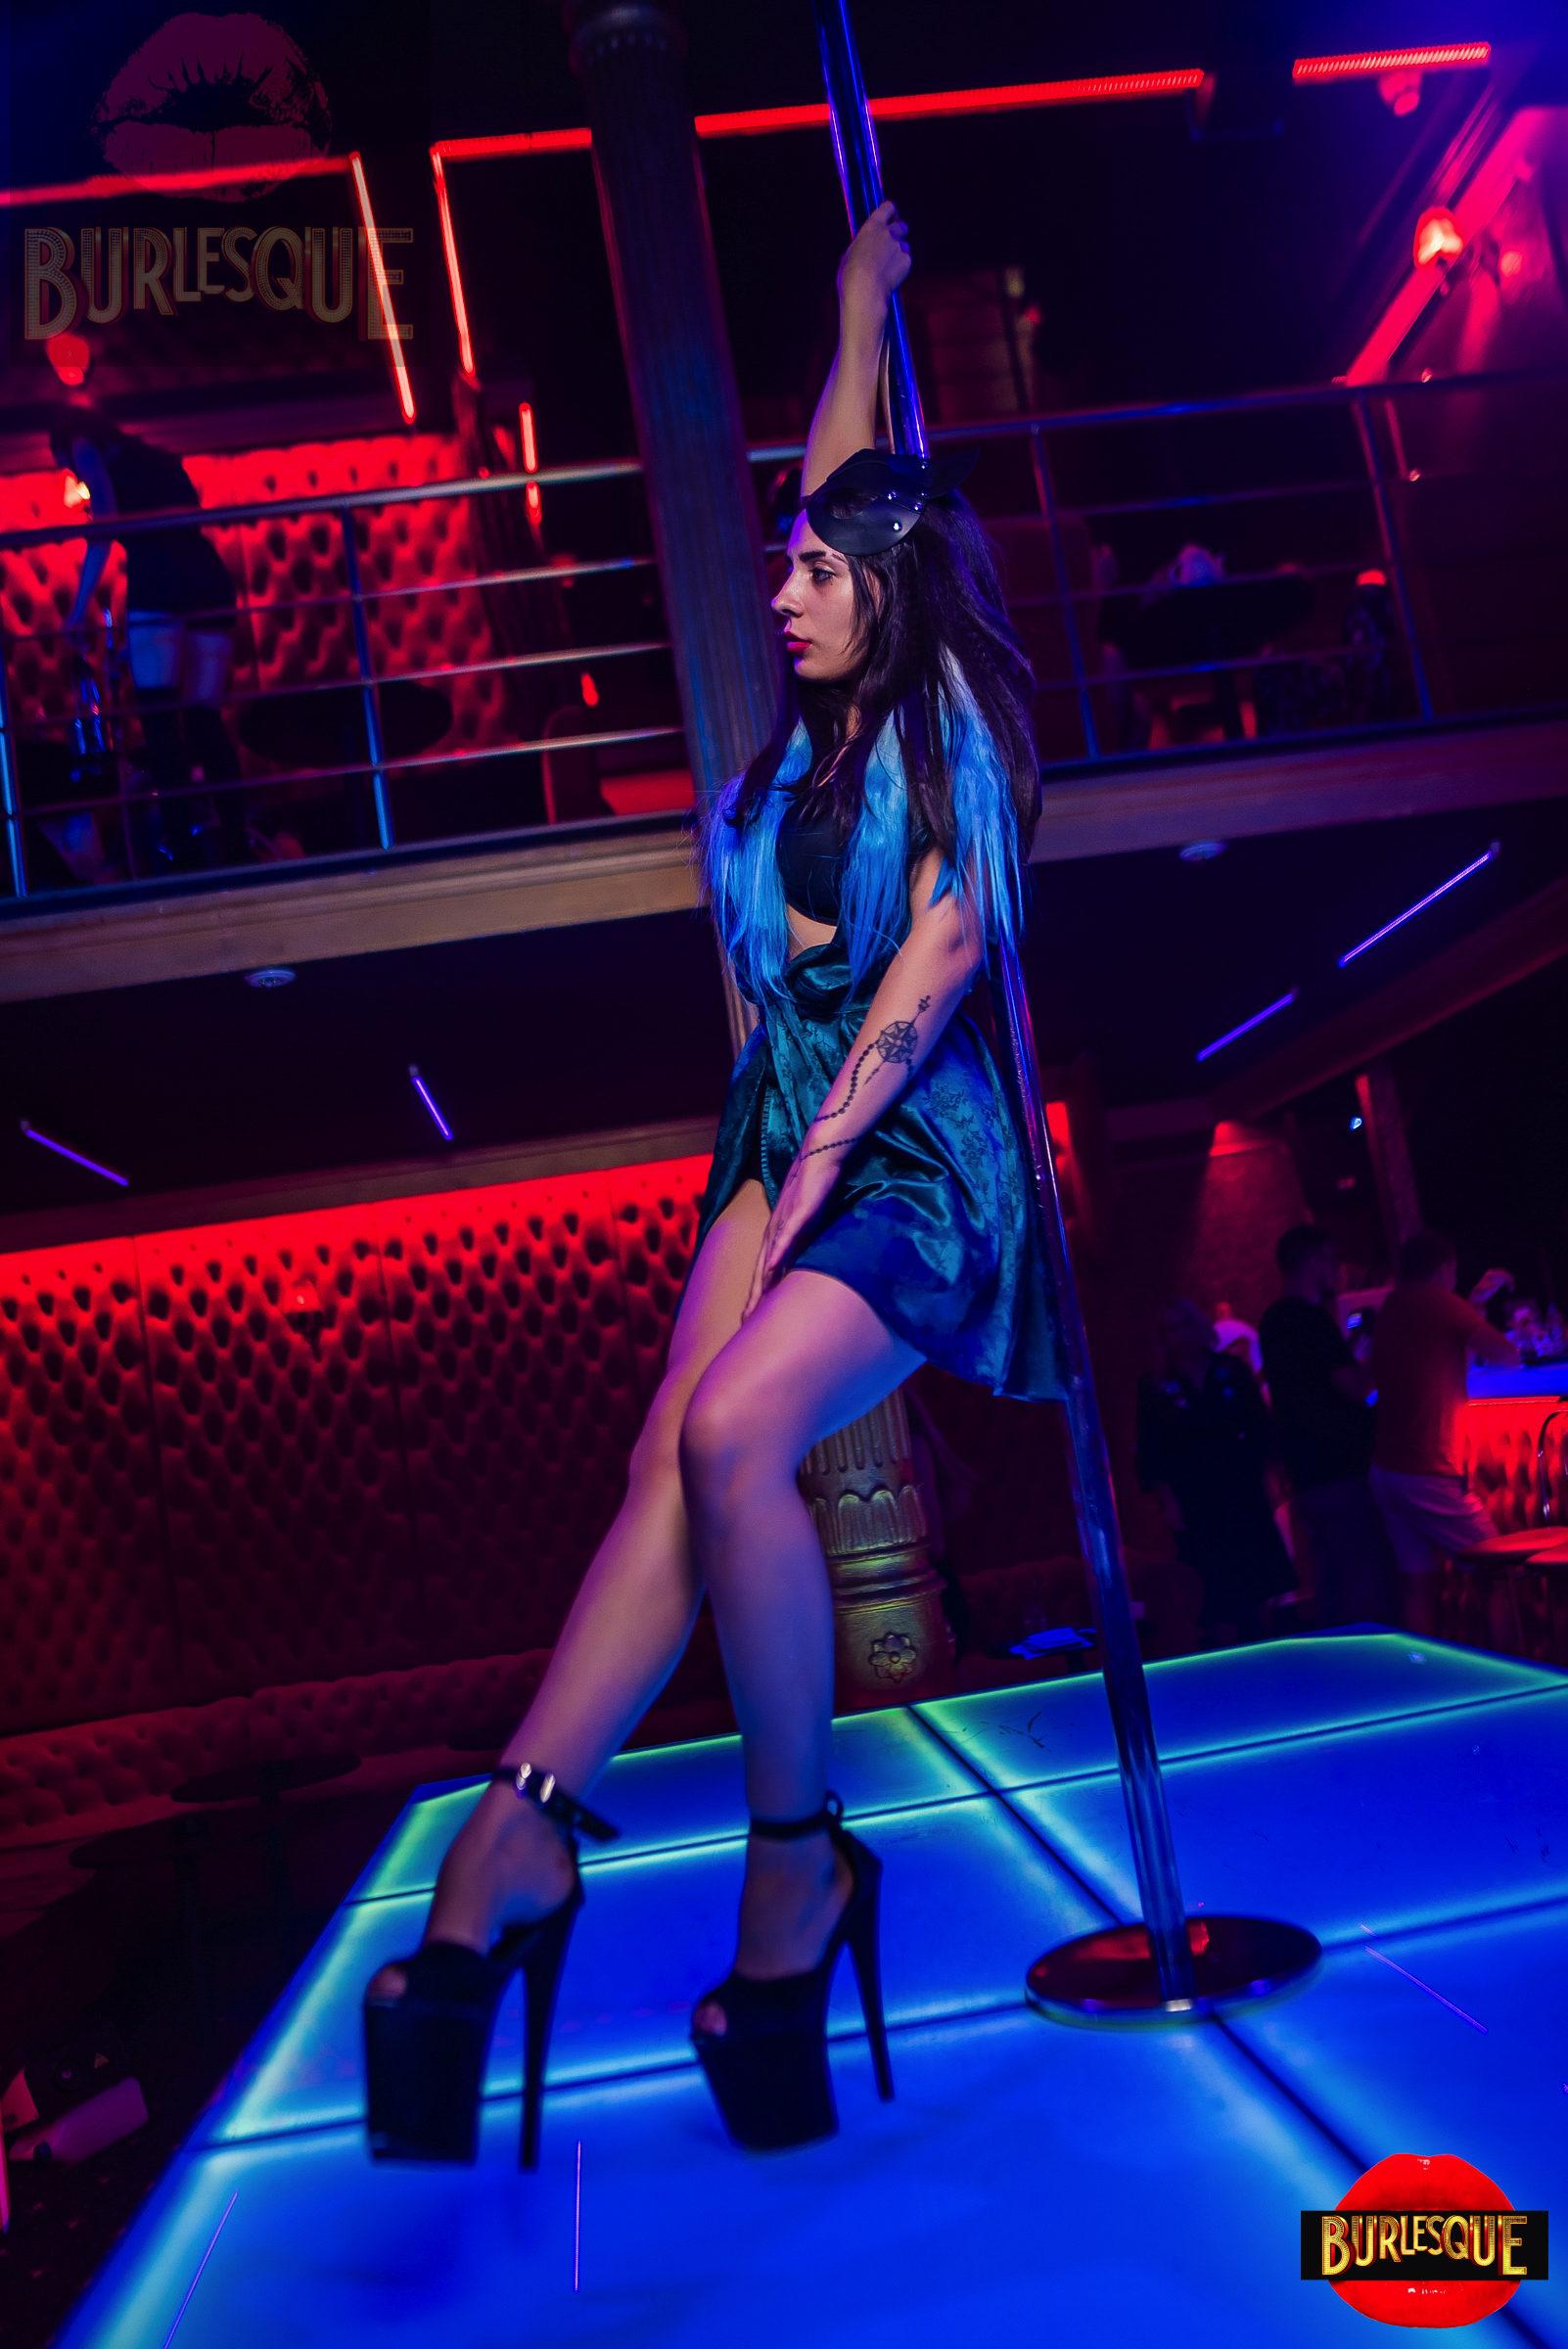 sex-kelso-wa-strip-club-black-women-sex